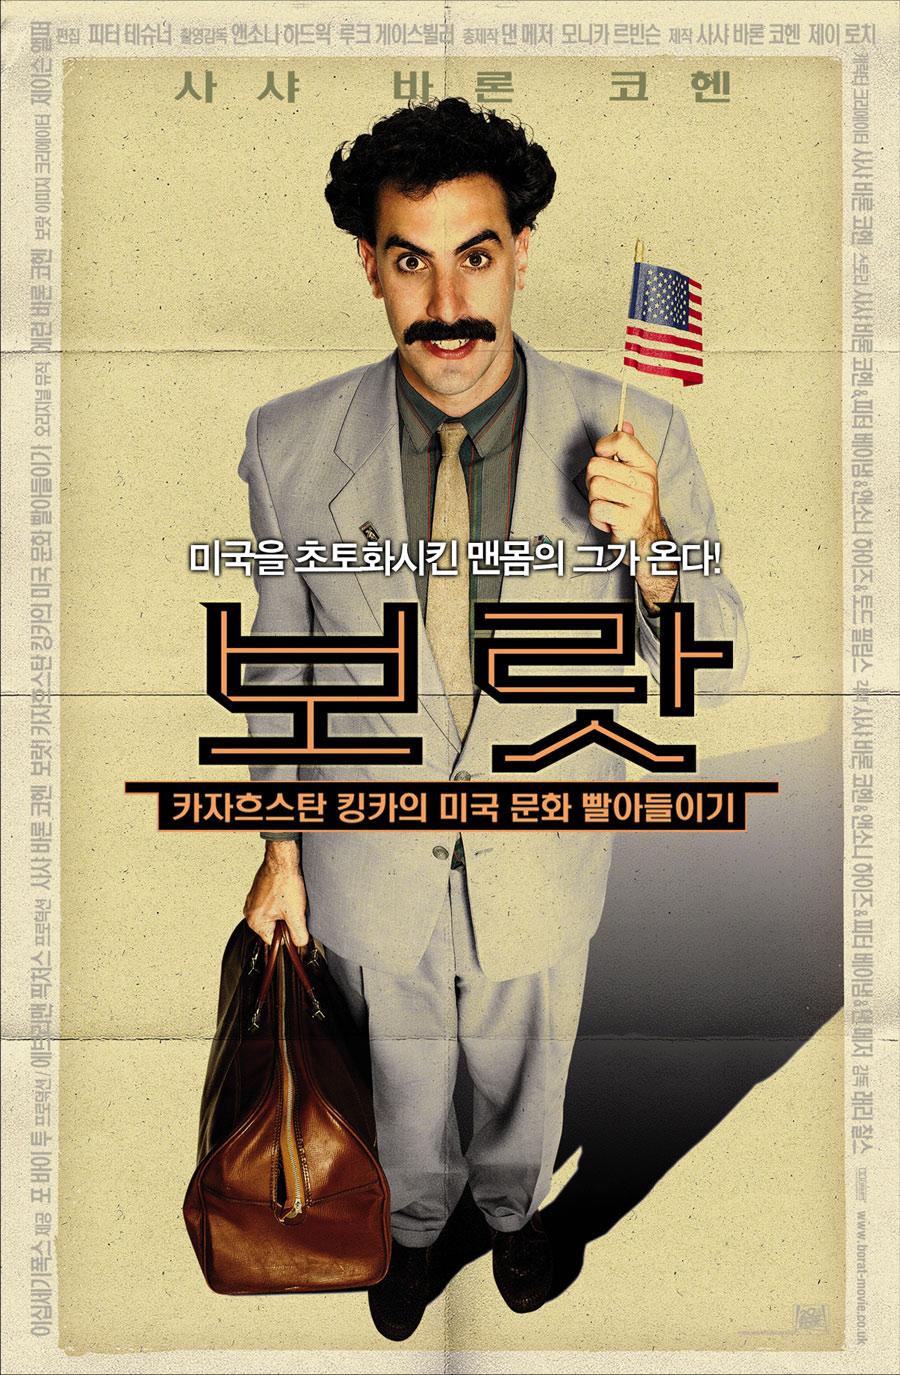 Watch borat movie online free